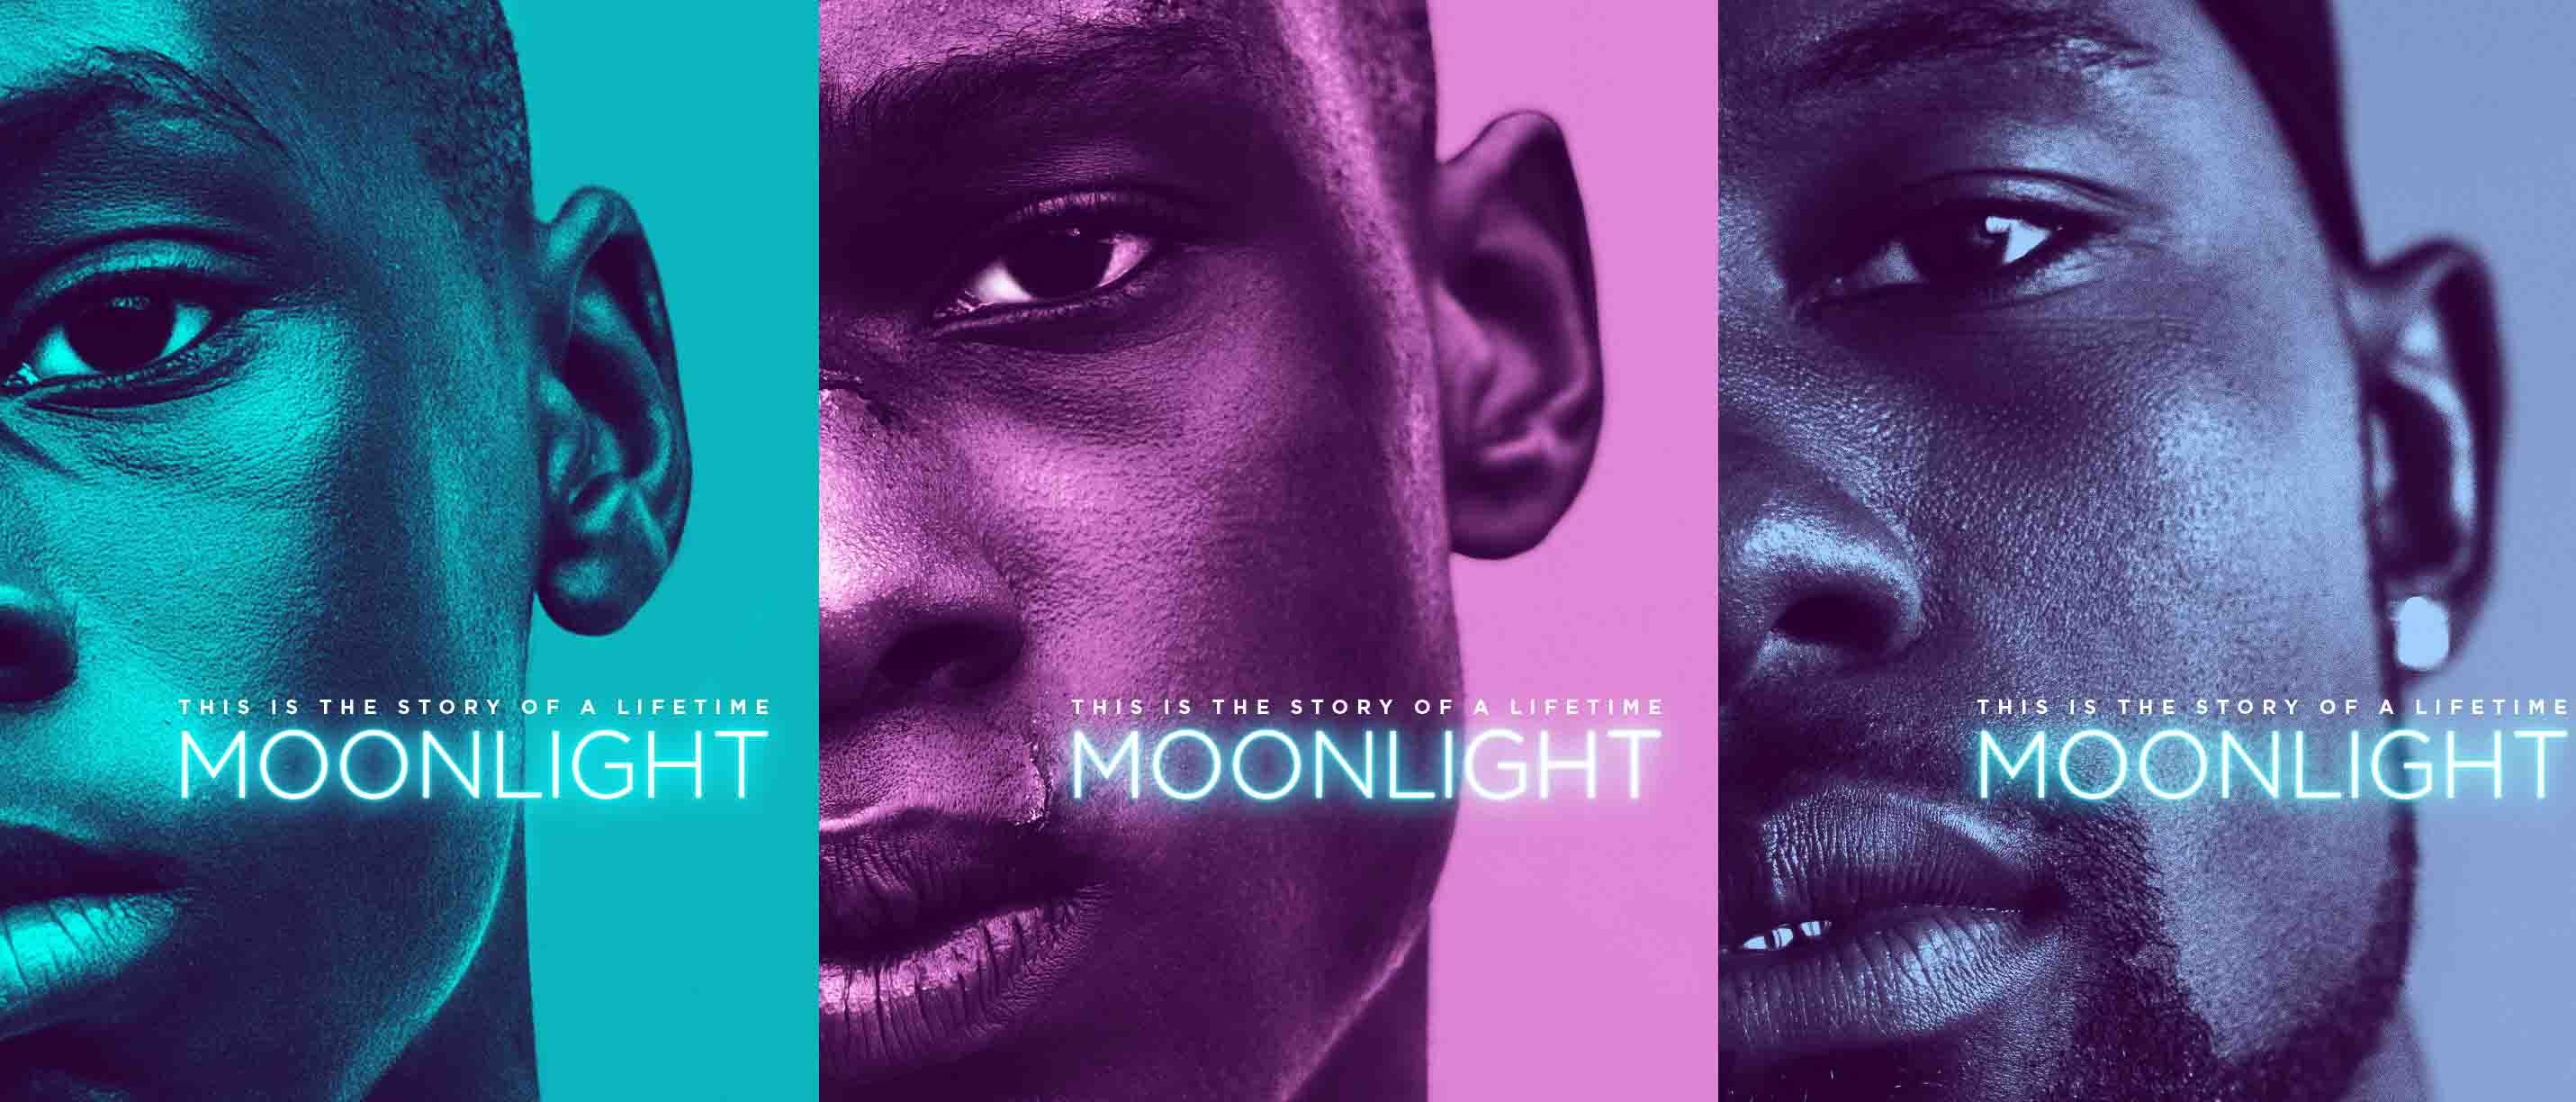 El filme que narra la vida fuerte de un afroamericano que afronta su homosexualidad es descrita como